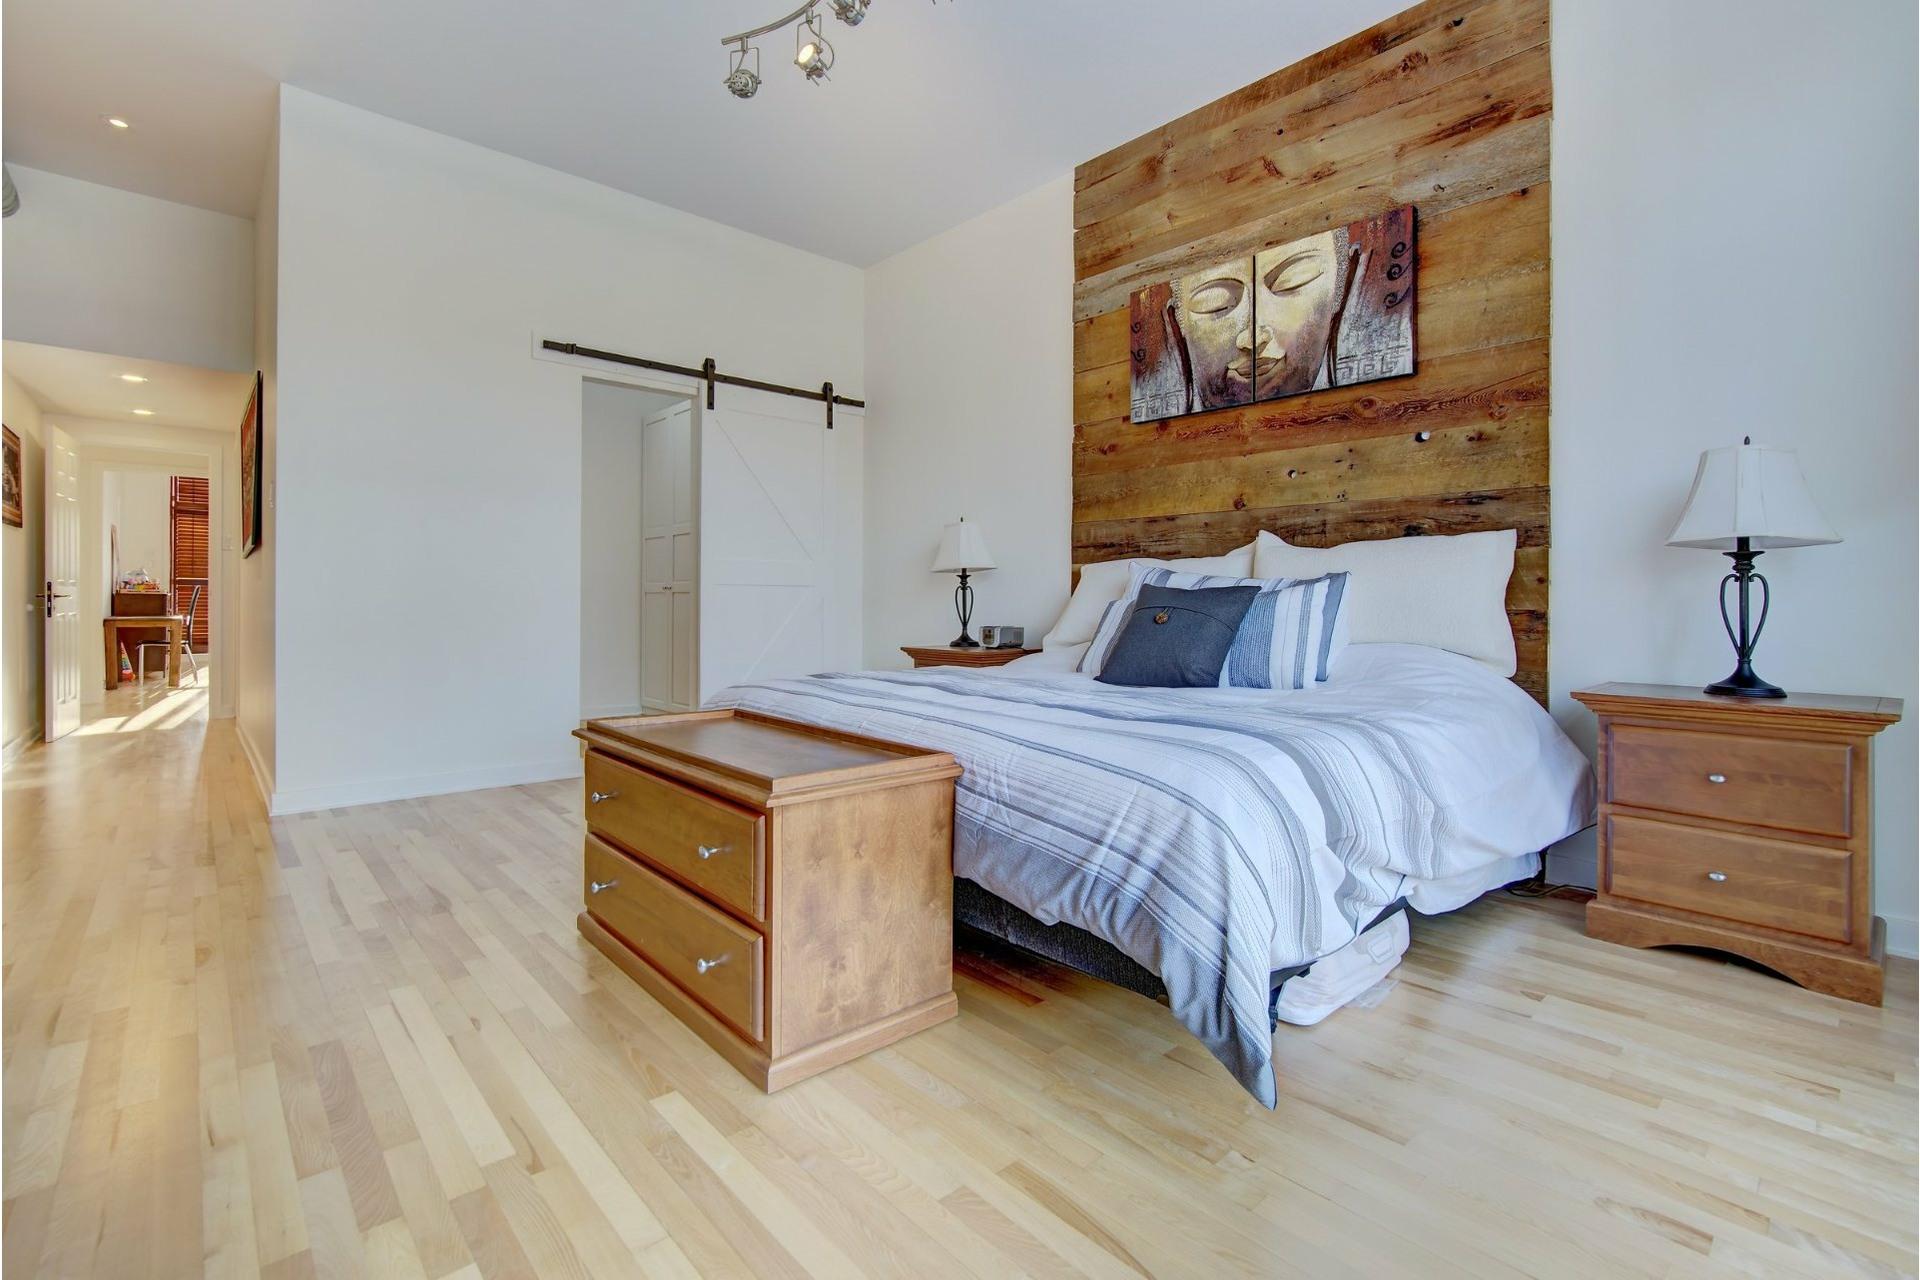 image 5 - Apartment For sale Montréal Le Plateau-Mont-Royal  - 10 rooms